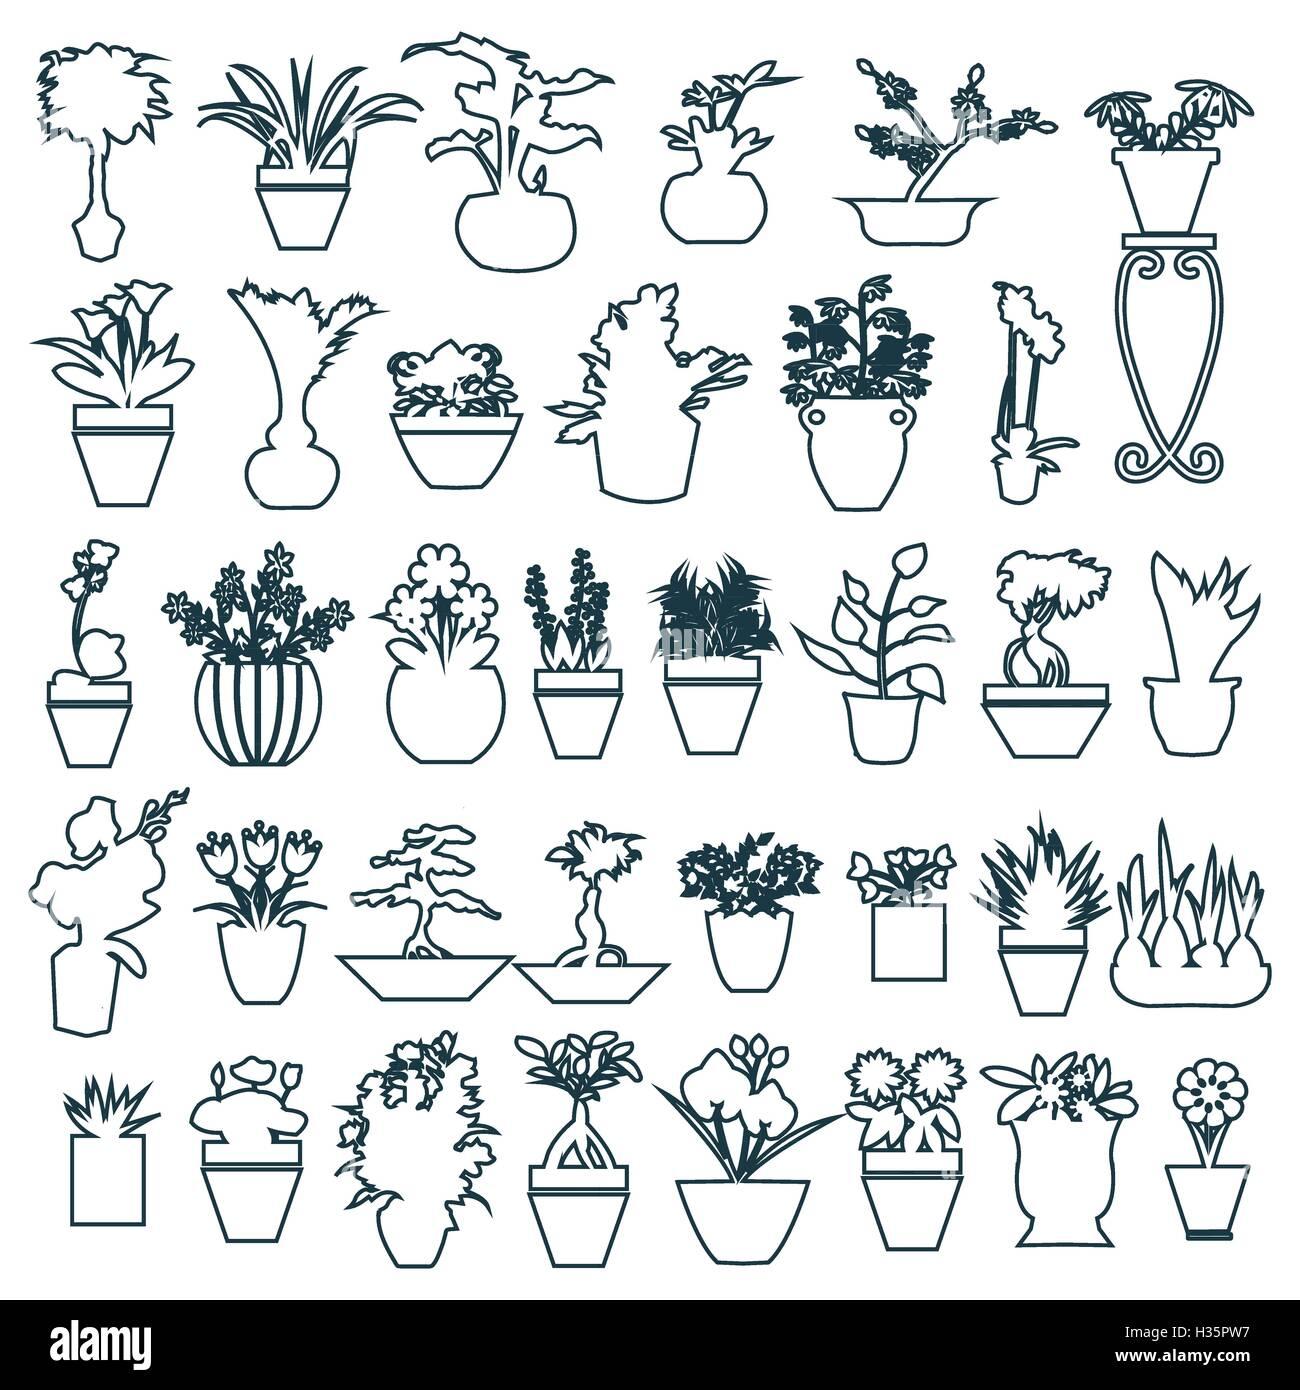 Jolie Maison De Plantes En Pots Dessin à La Main Vecteurs Et